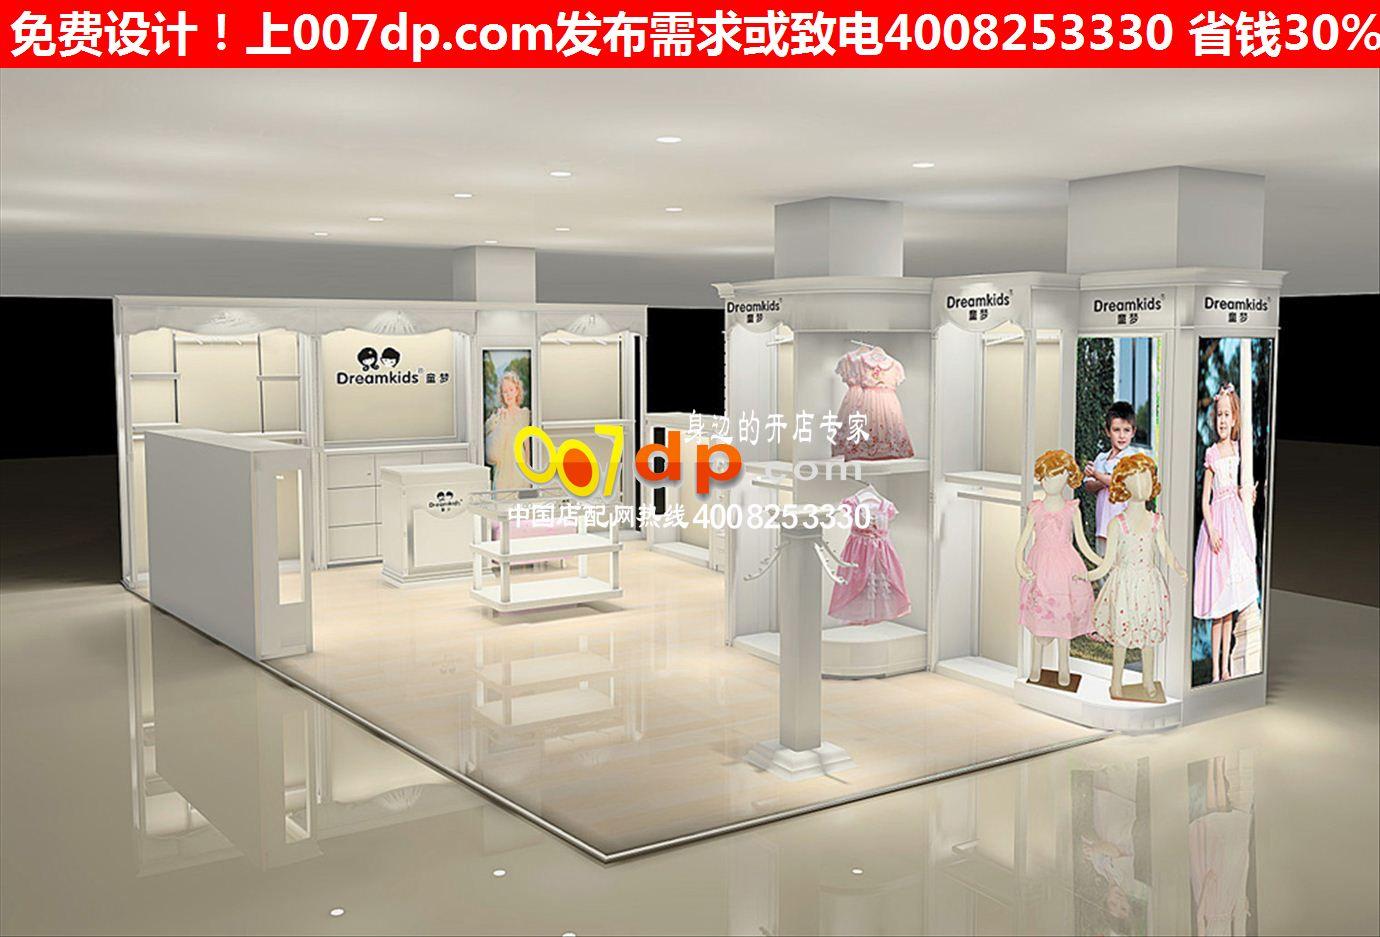 时尚童装店装修创意童装店装修图简约童装货架童装展柜效果图